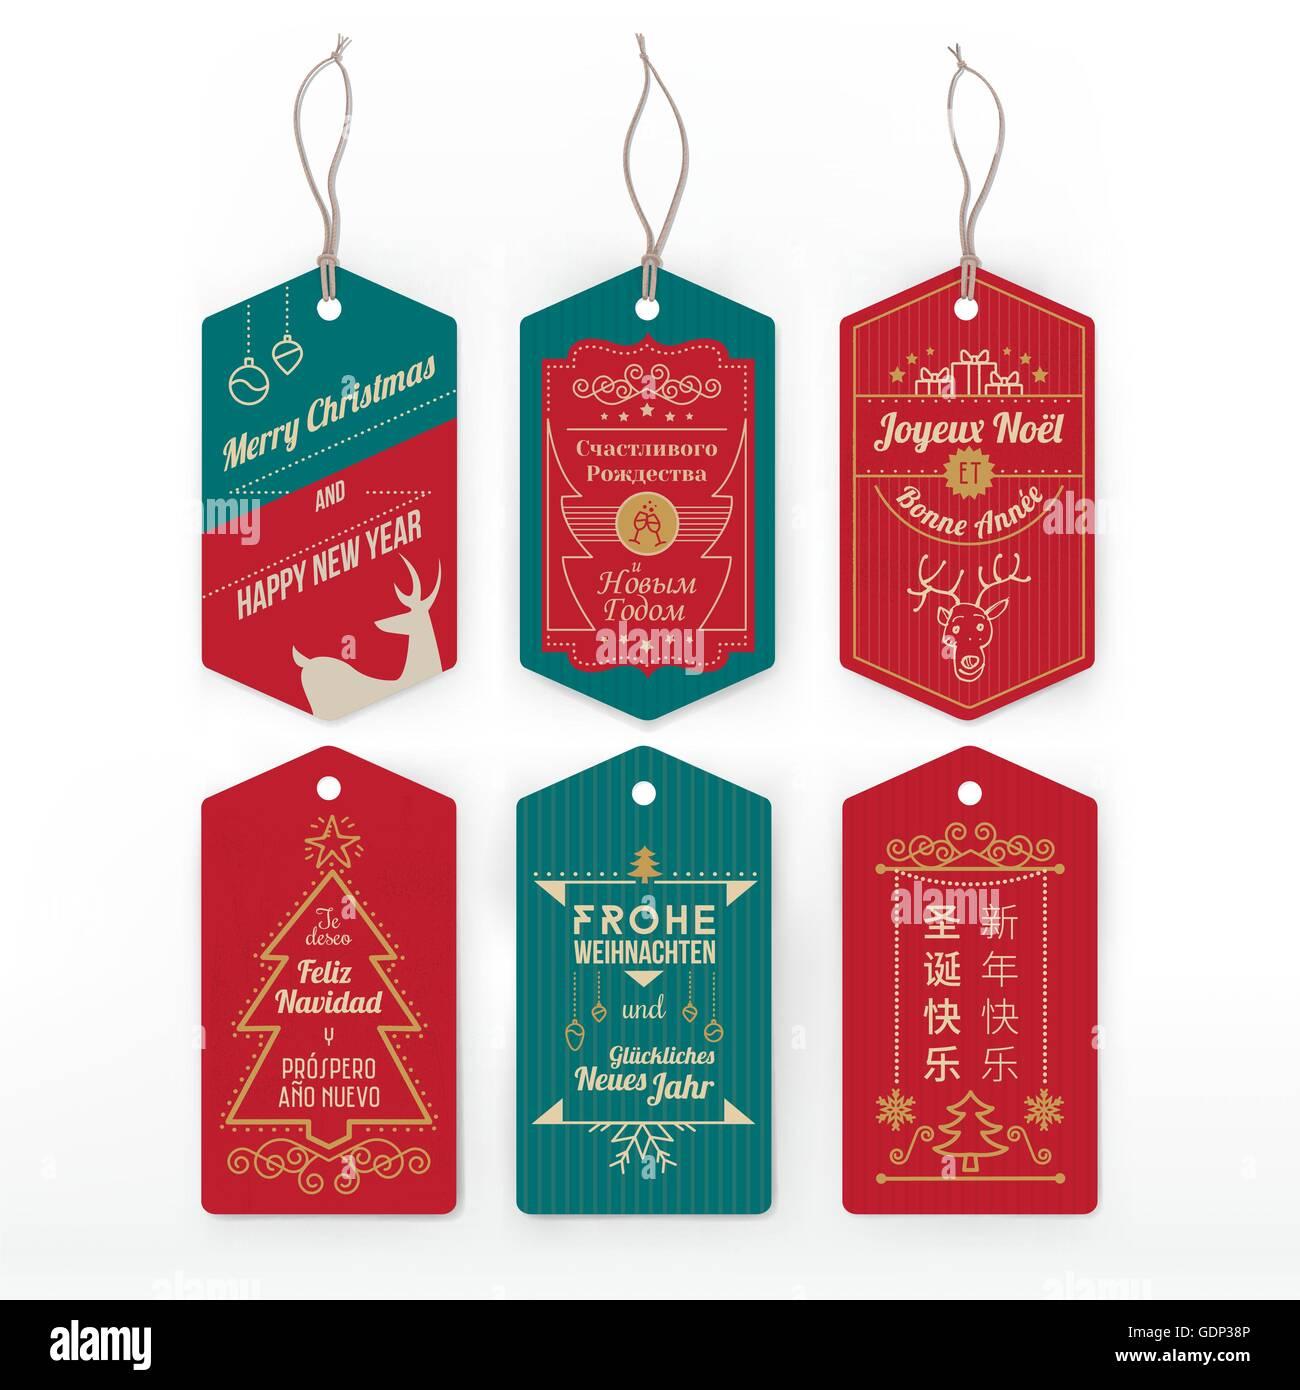 Feliz Navidad Rotulos.Vintage Etiquetas Y Rotulos Con Rayas Con Felicitaciones De